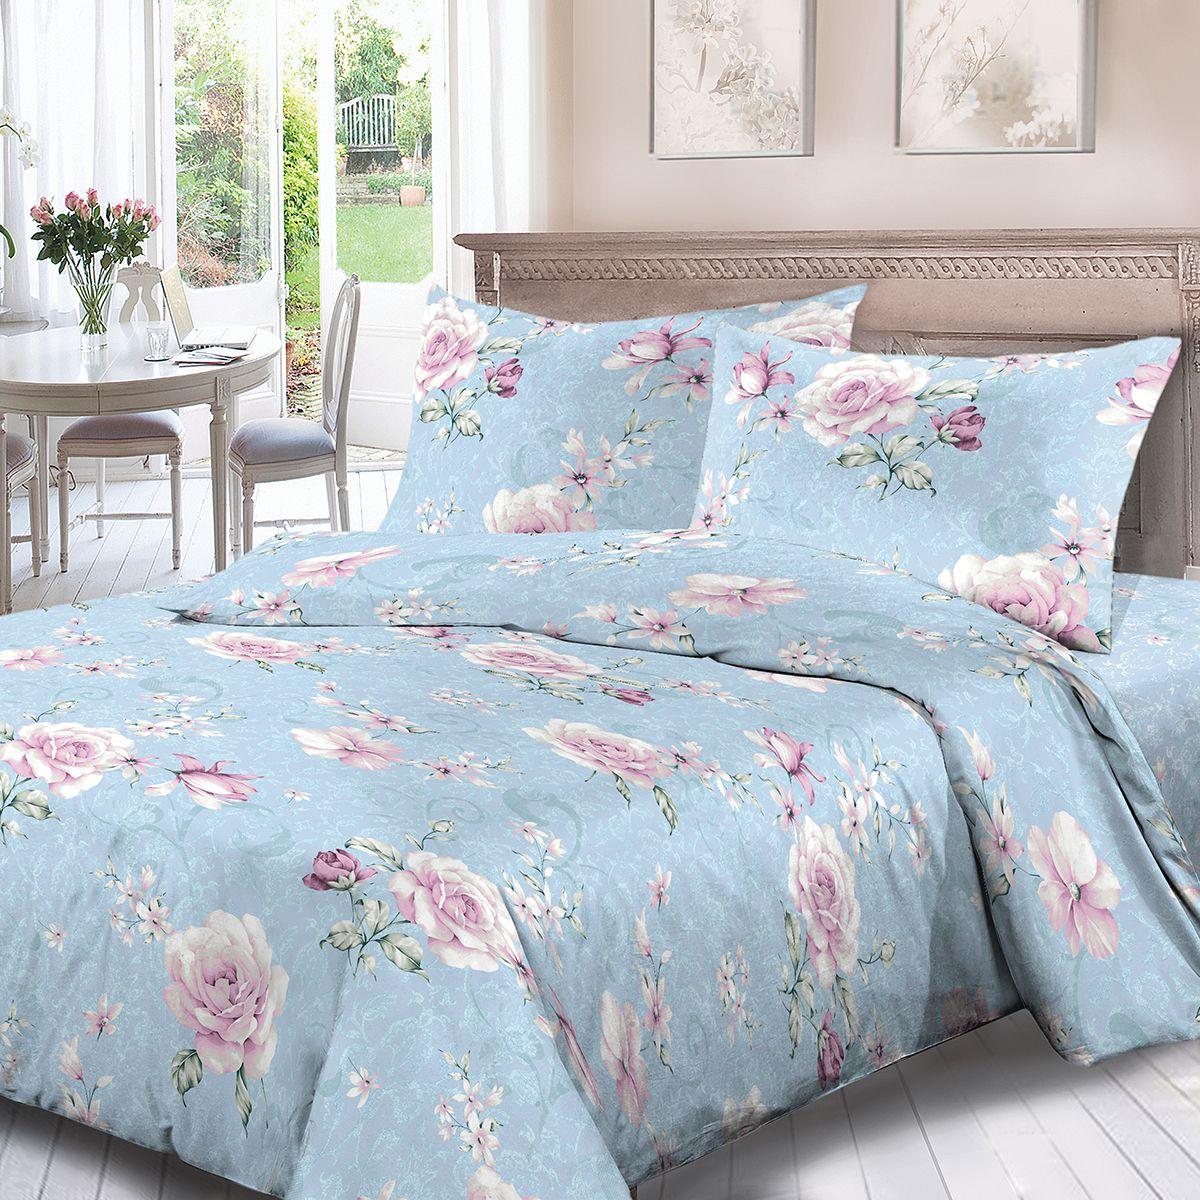 Комплект белья Для Снов Алемана, 1,5 спальное, наволочки 70x70, цвет: голубой. 3792-186489